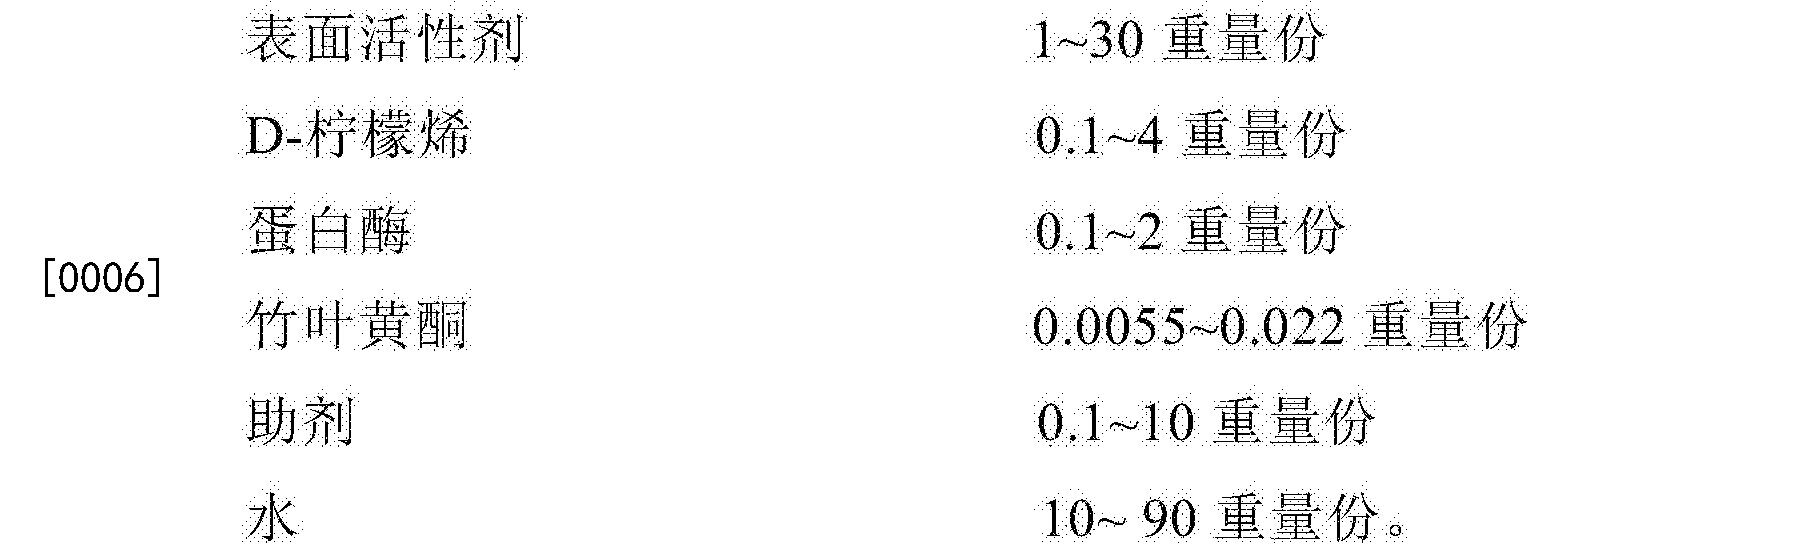 Figure CN105296177BD00041